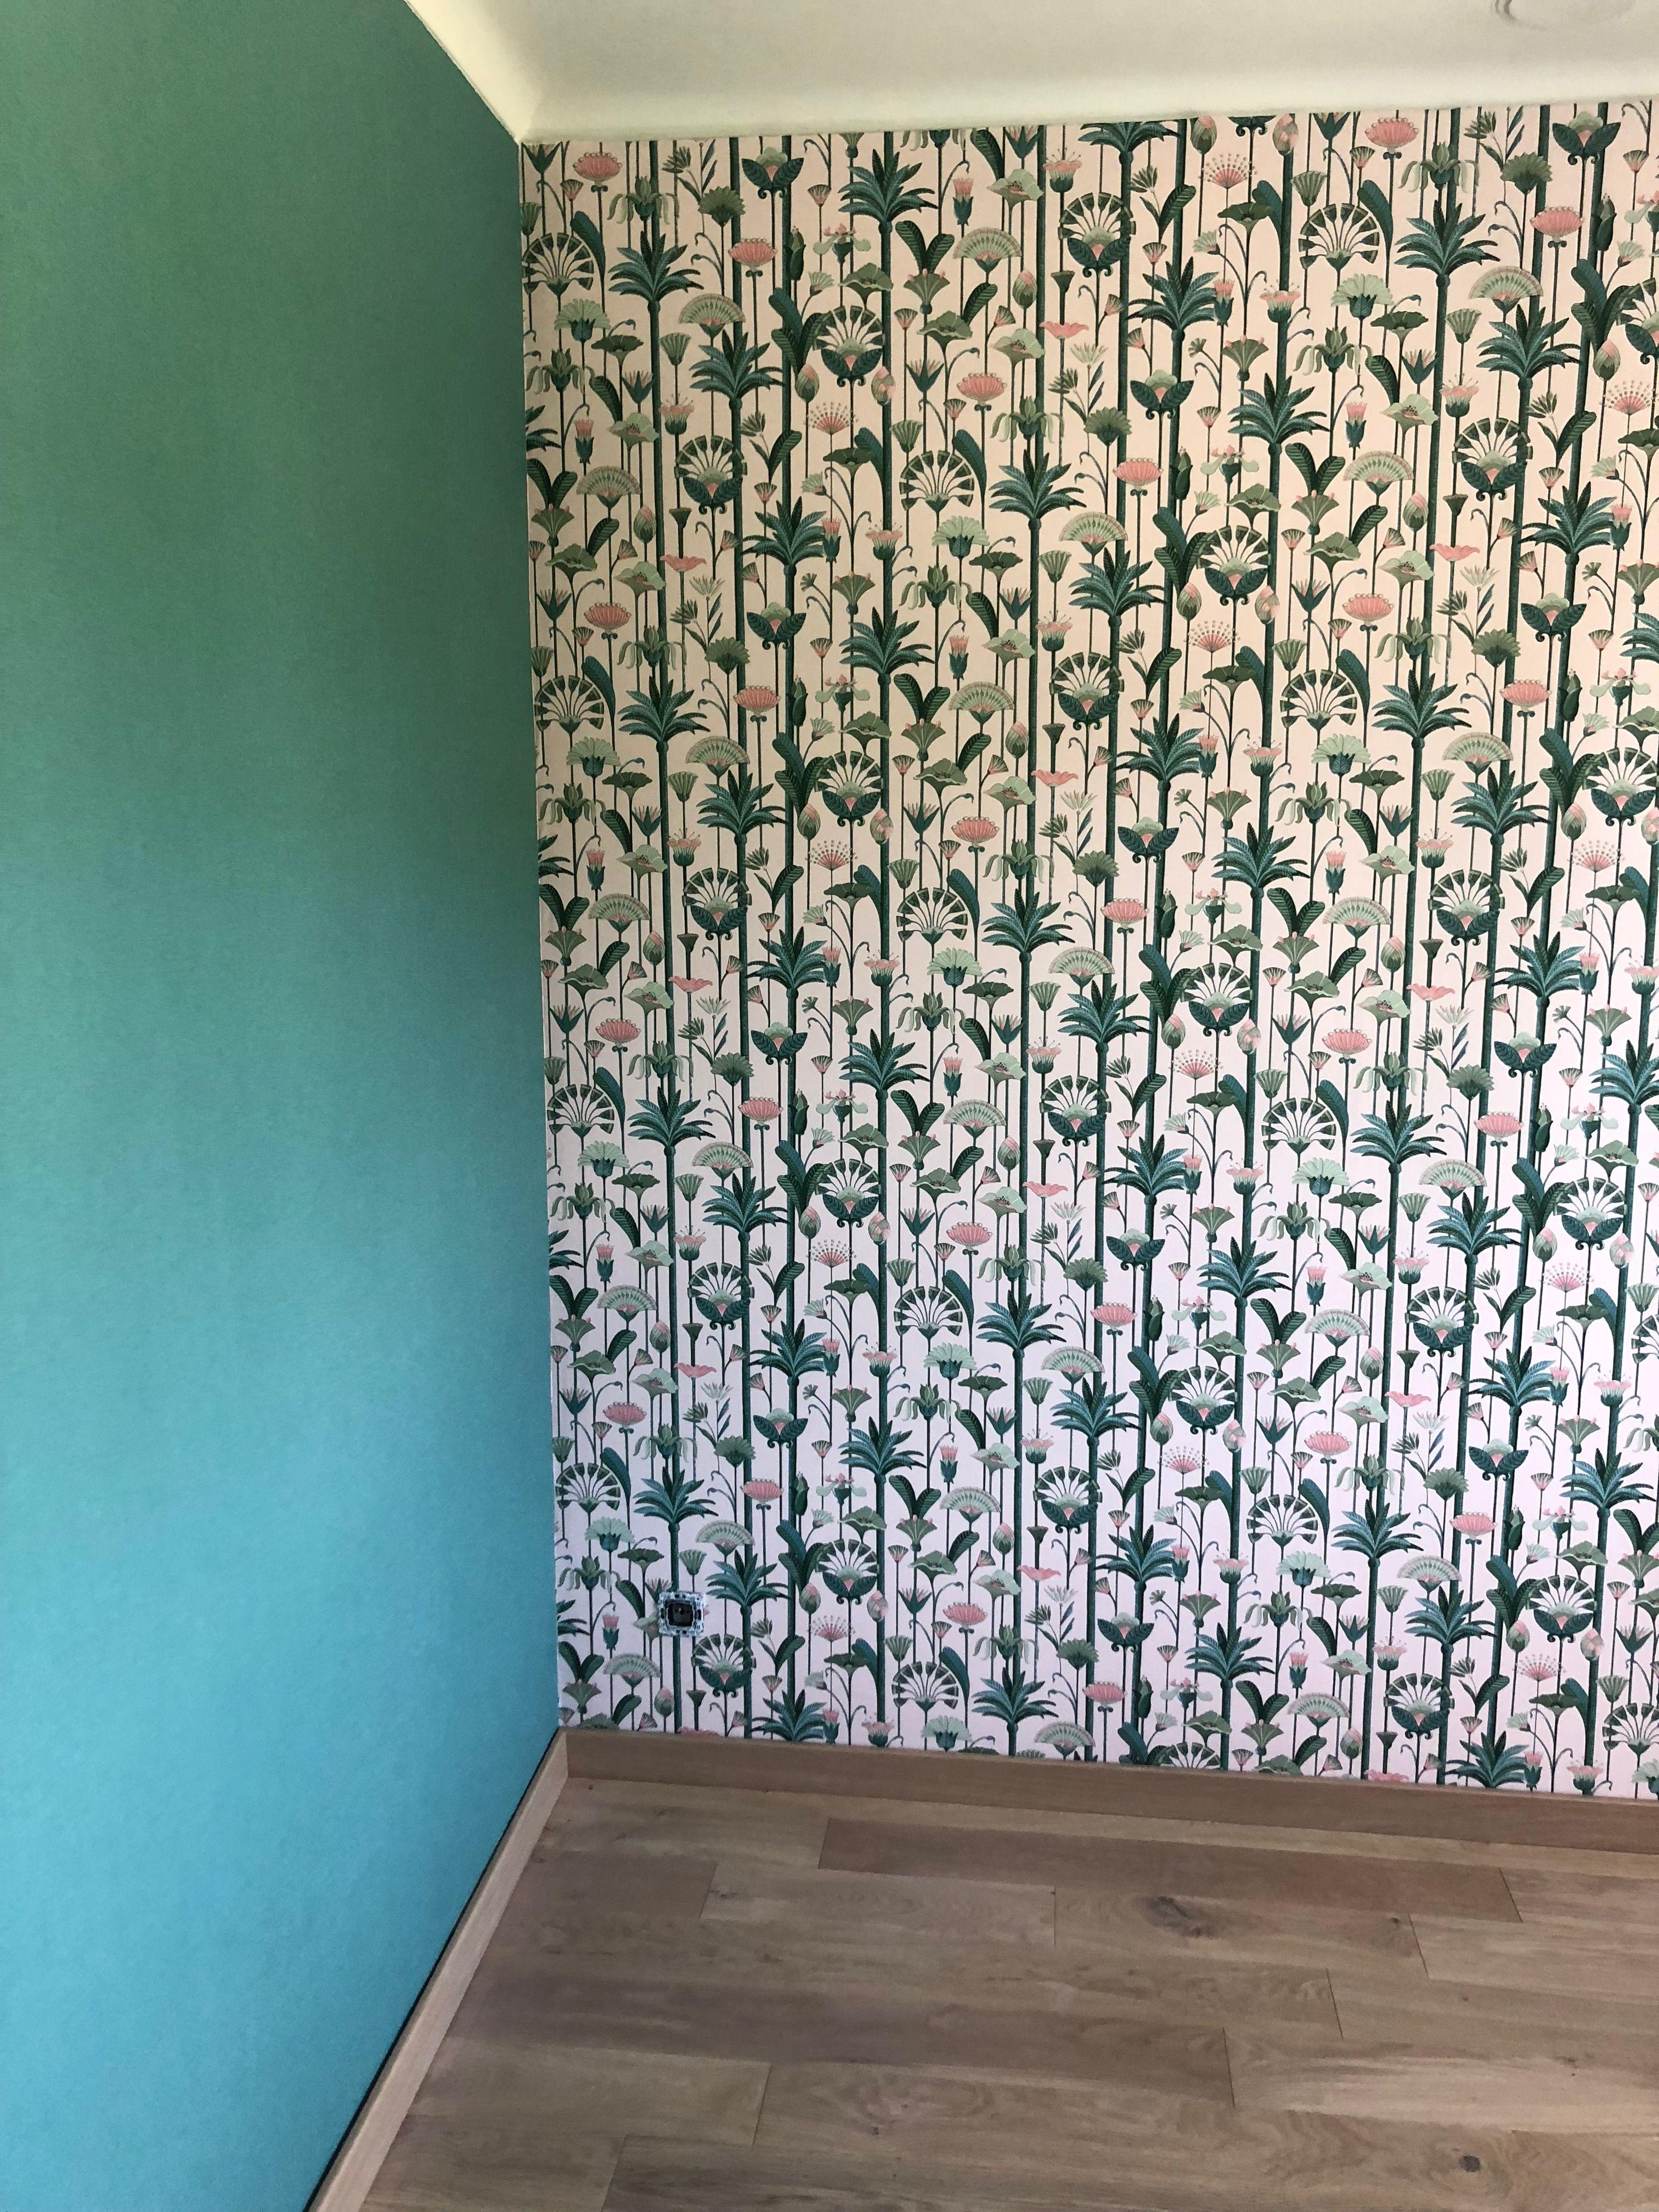 Papier Peint Vert Sauge 4 Murs Papier Peint Graphique Rose Vert 4 Murs Parquet Panaget Chene Bois Flo Papier Peint Papier Peint Vert Papier Peint Graphique